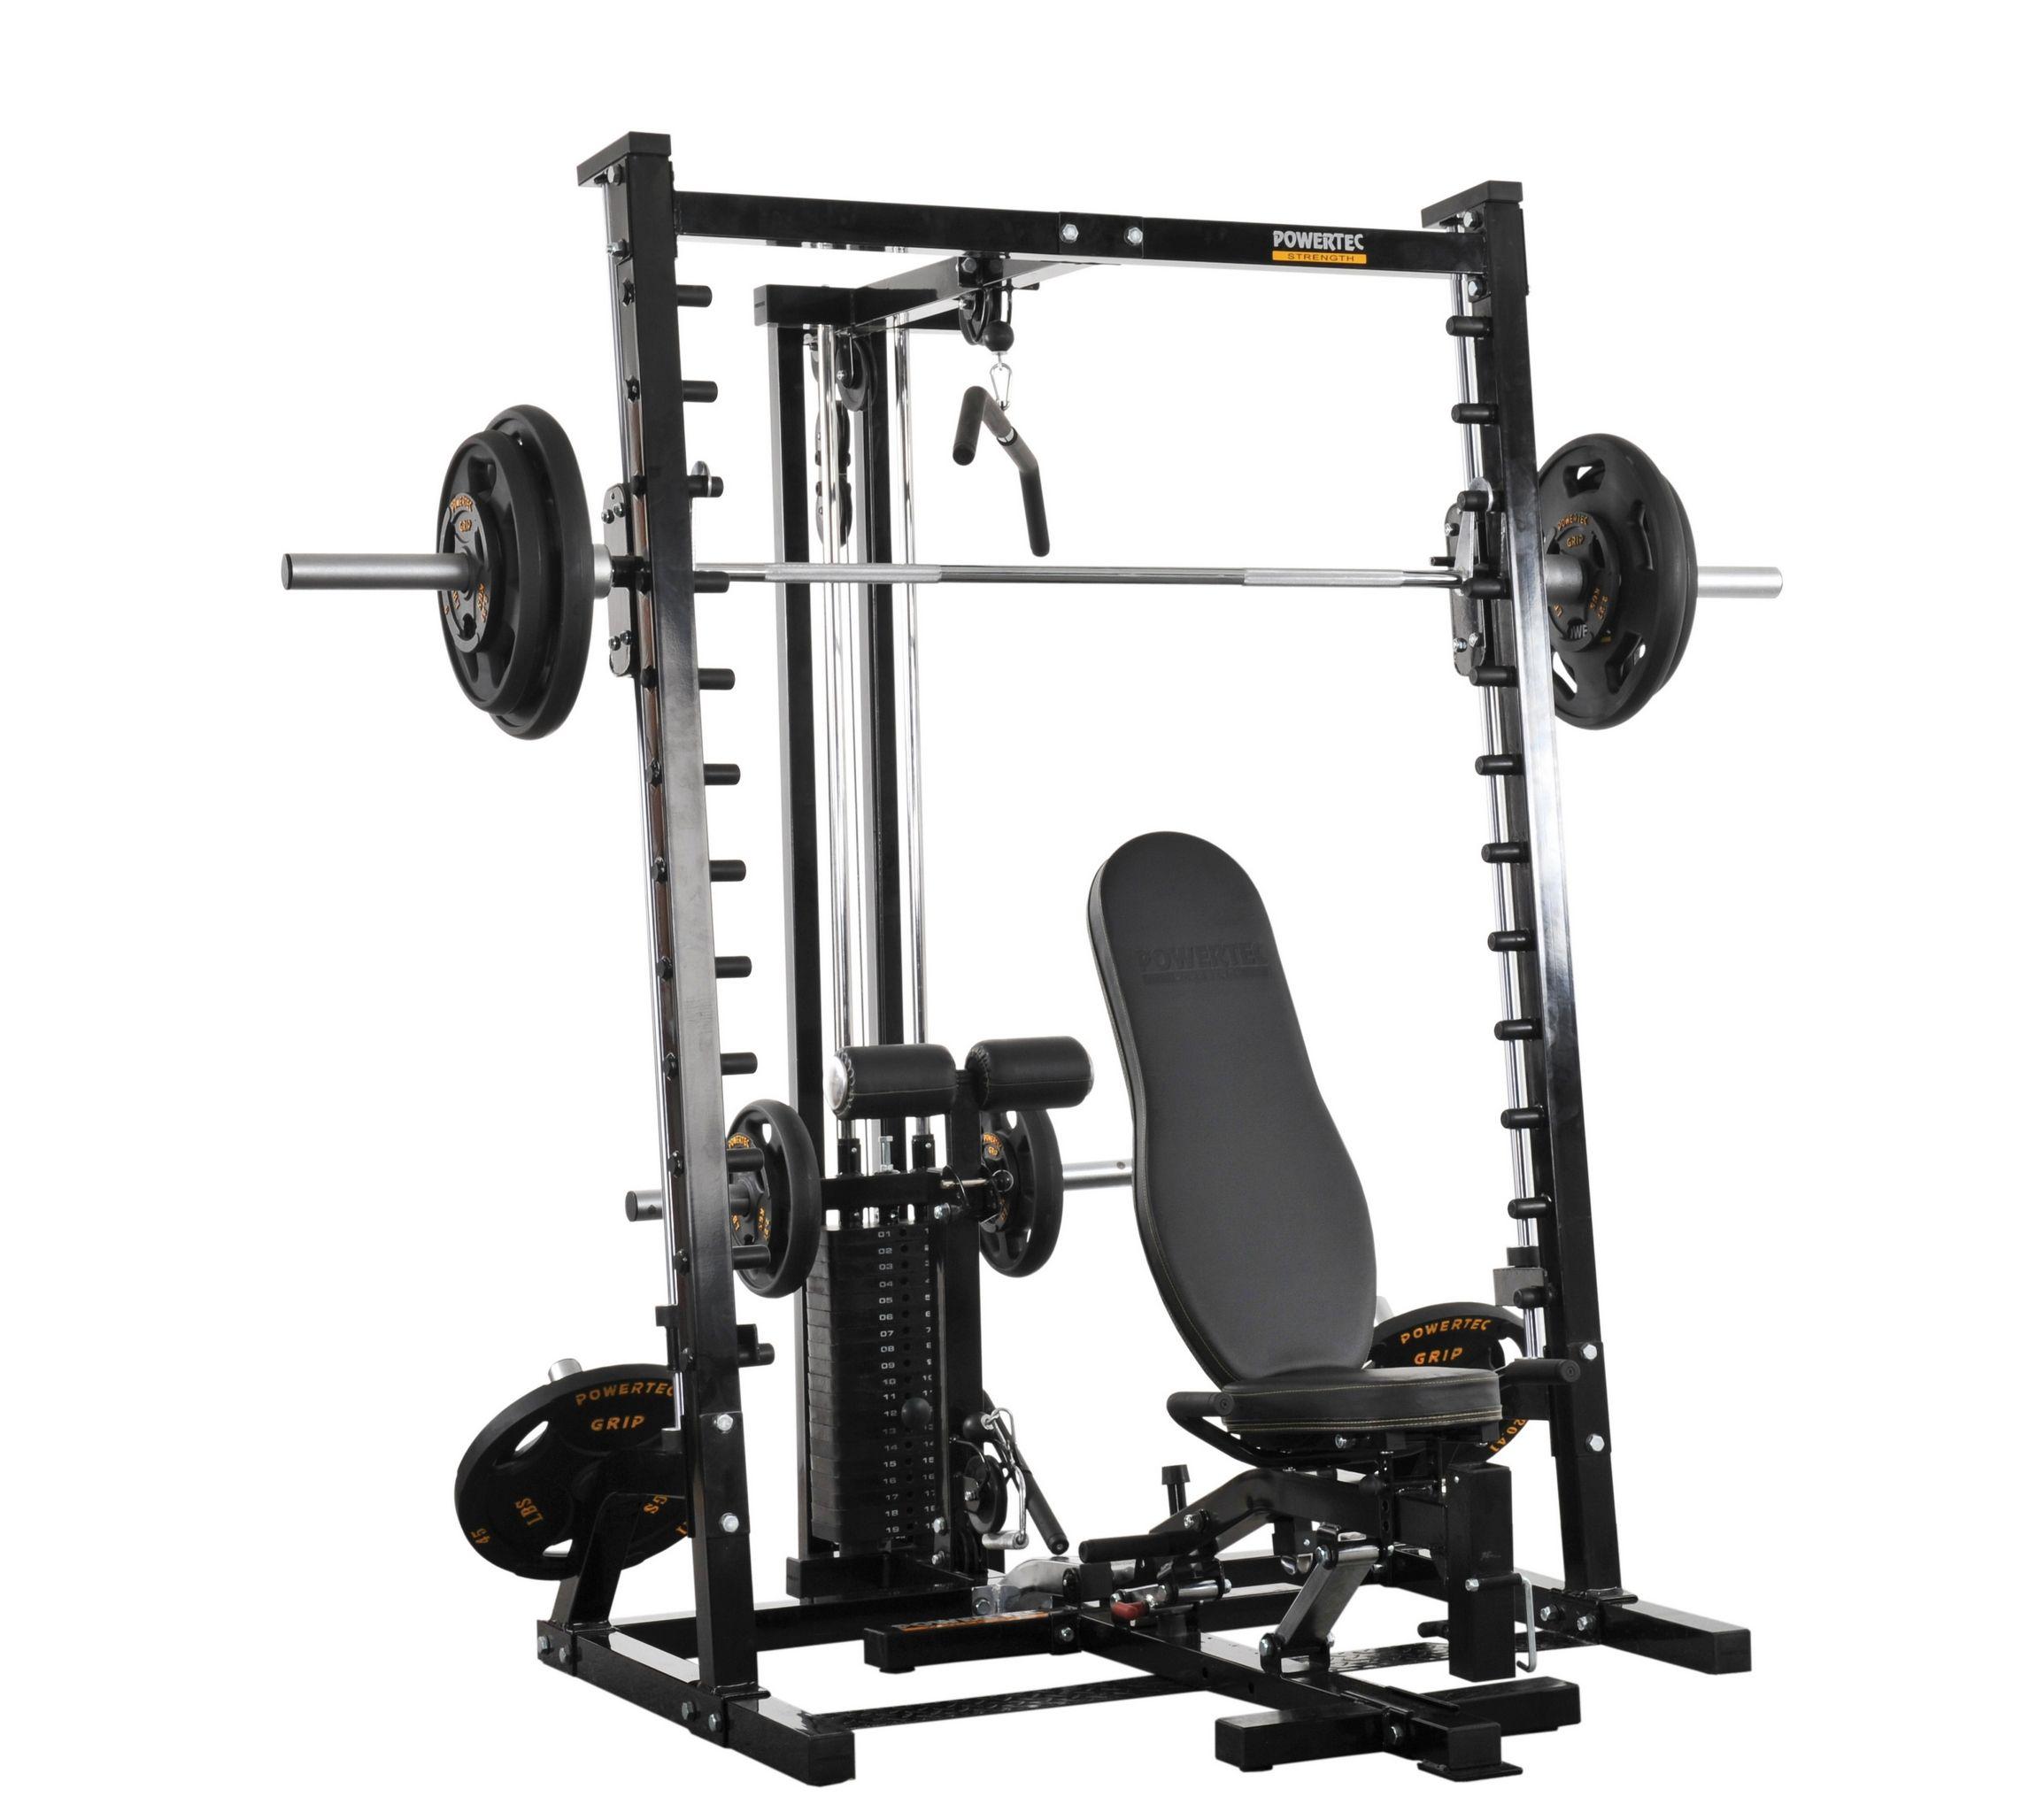 7415a477127 POWERTEC Gym Equipment For Sale